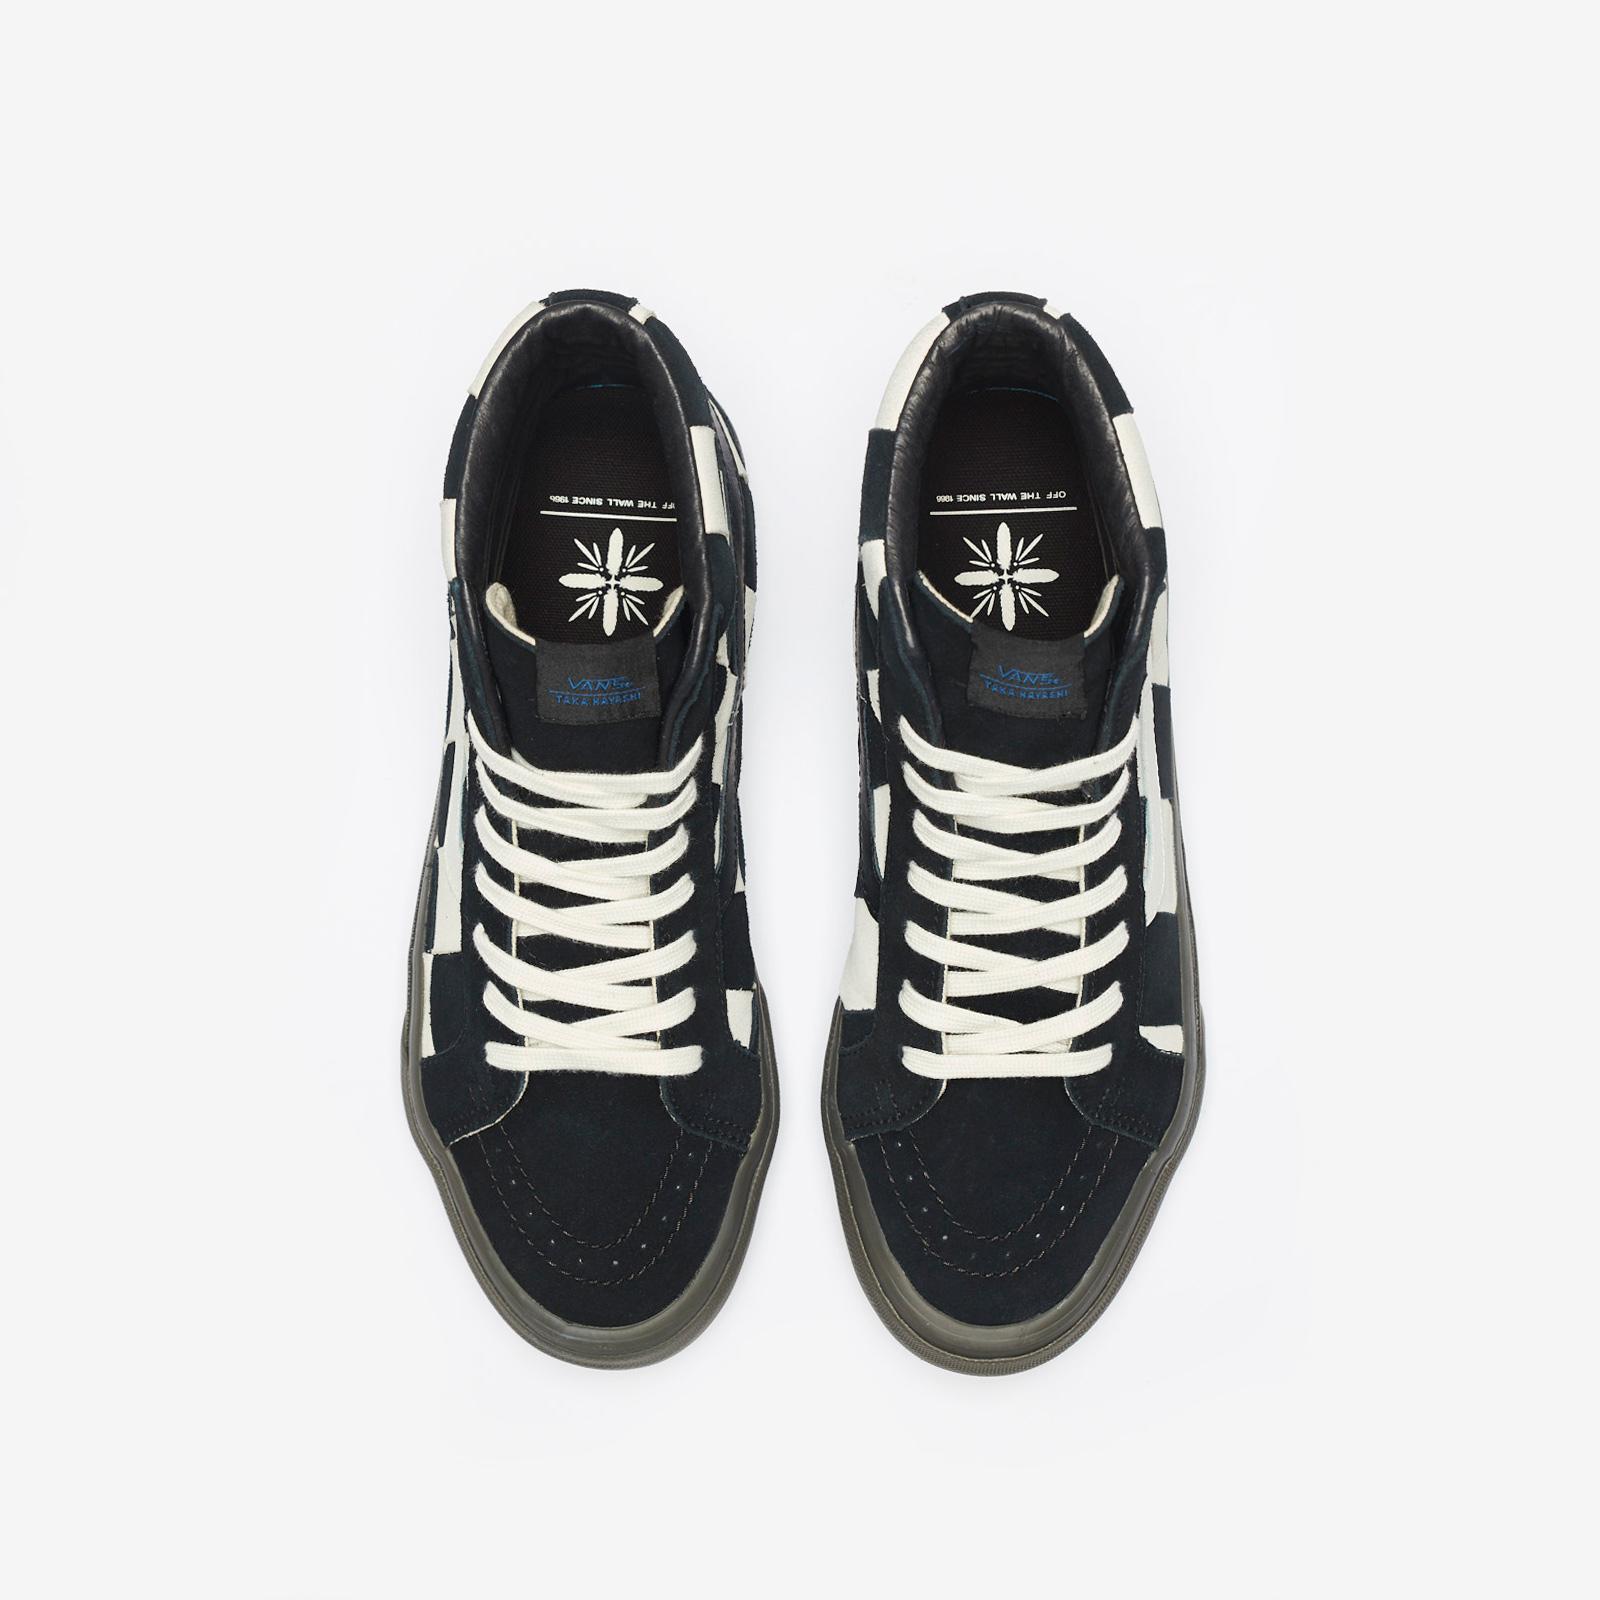 233803f5aa Vans TH SK8-Hi LX - Vn0a3zclurb - Sneakersnstuff